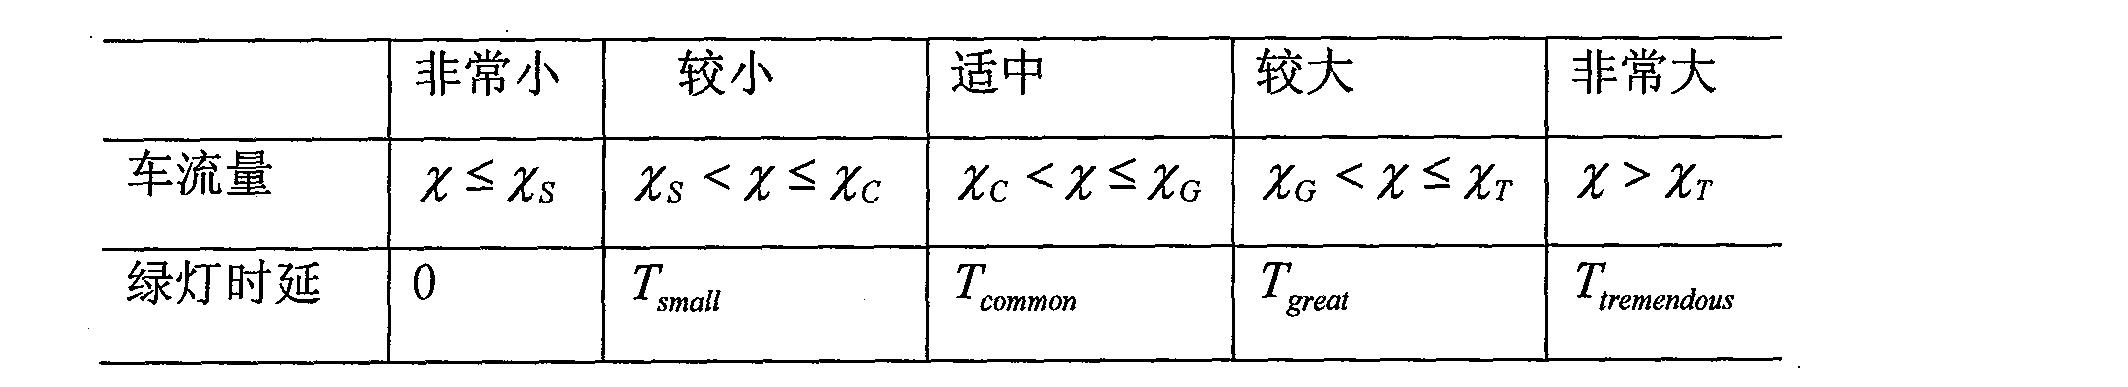 Figure CN101901550BD00061